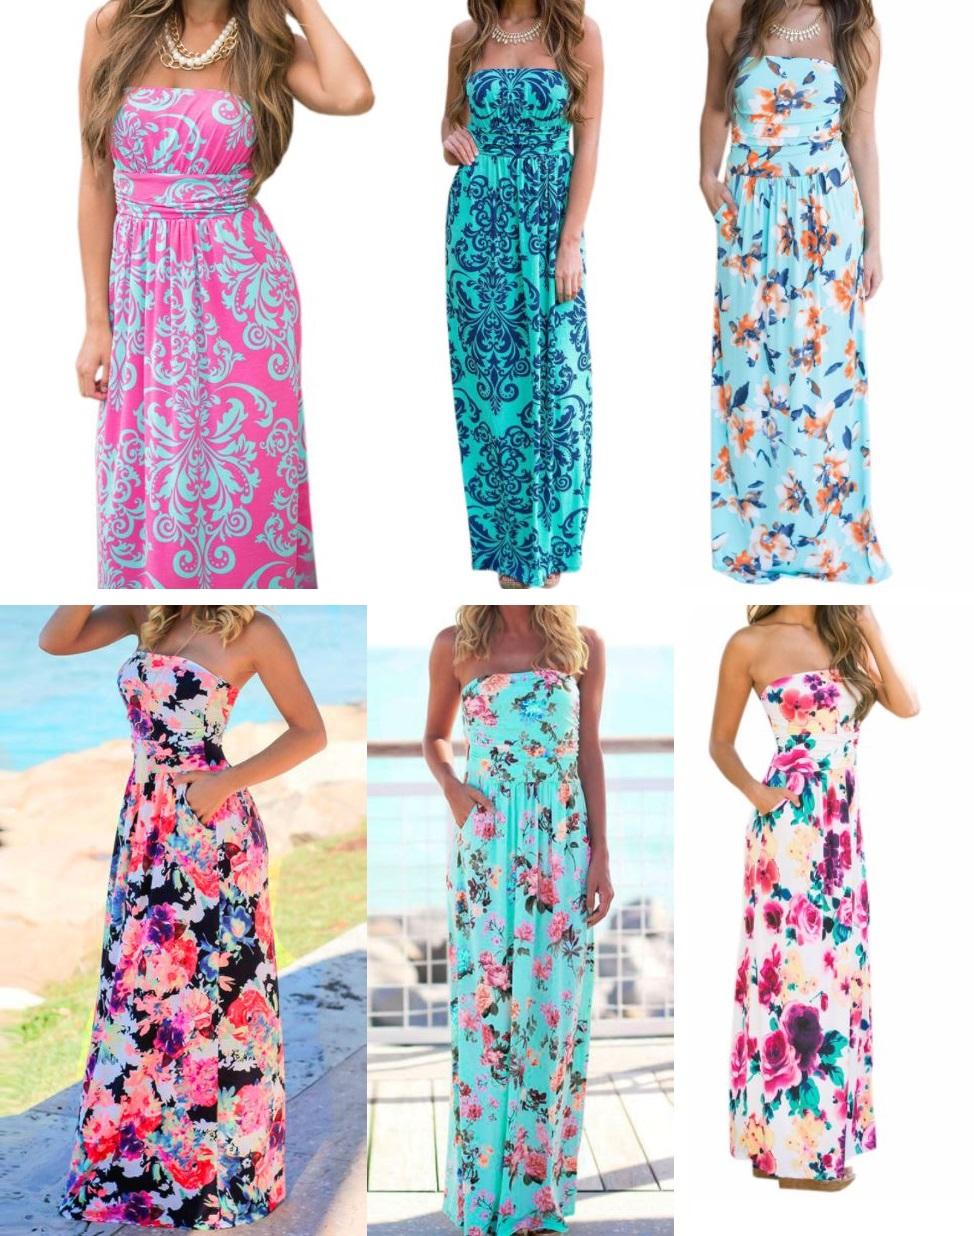 BAREVNÉ letní dámské šaty da26834242